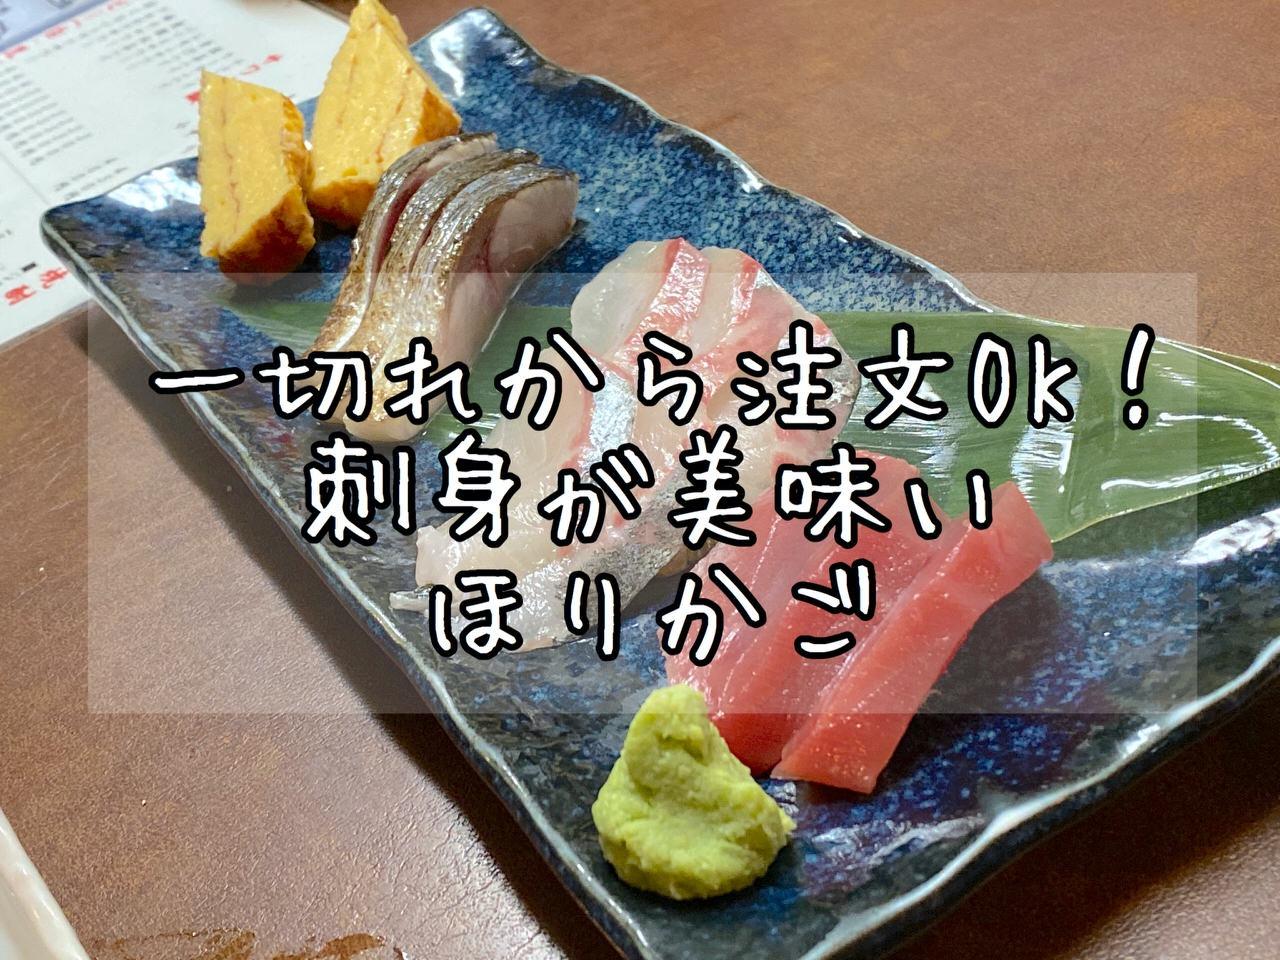 「ほりかご」生鯖に縞鯵!一切れから注文できる刺身が旨い居酒屋(板橋)